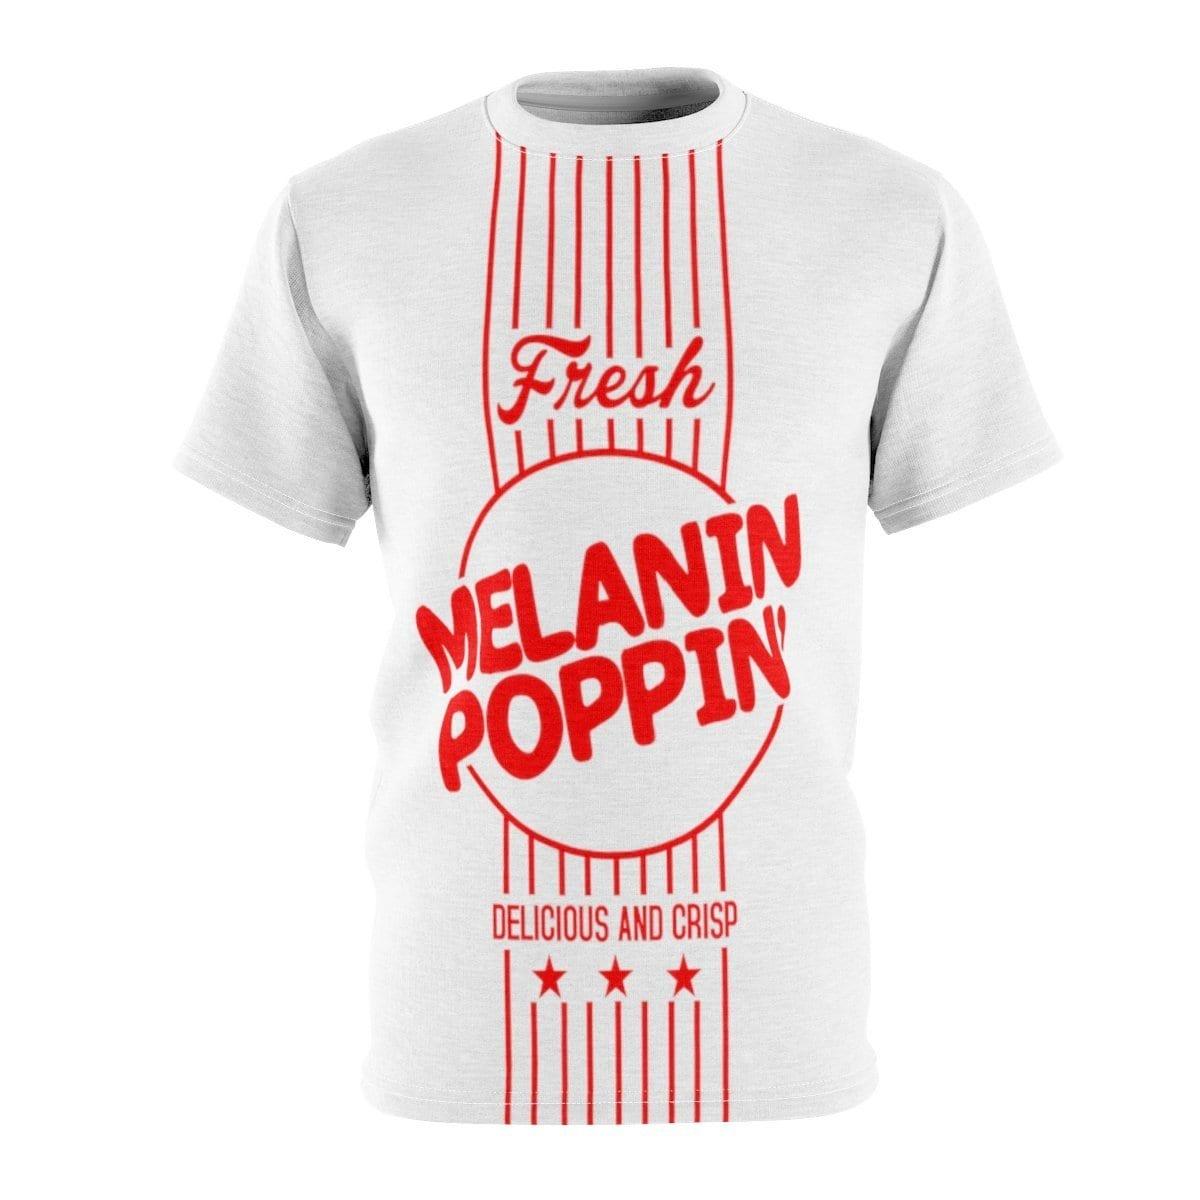 MELANIN POPPIN' - Melanin Apparel